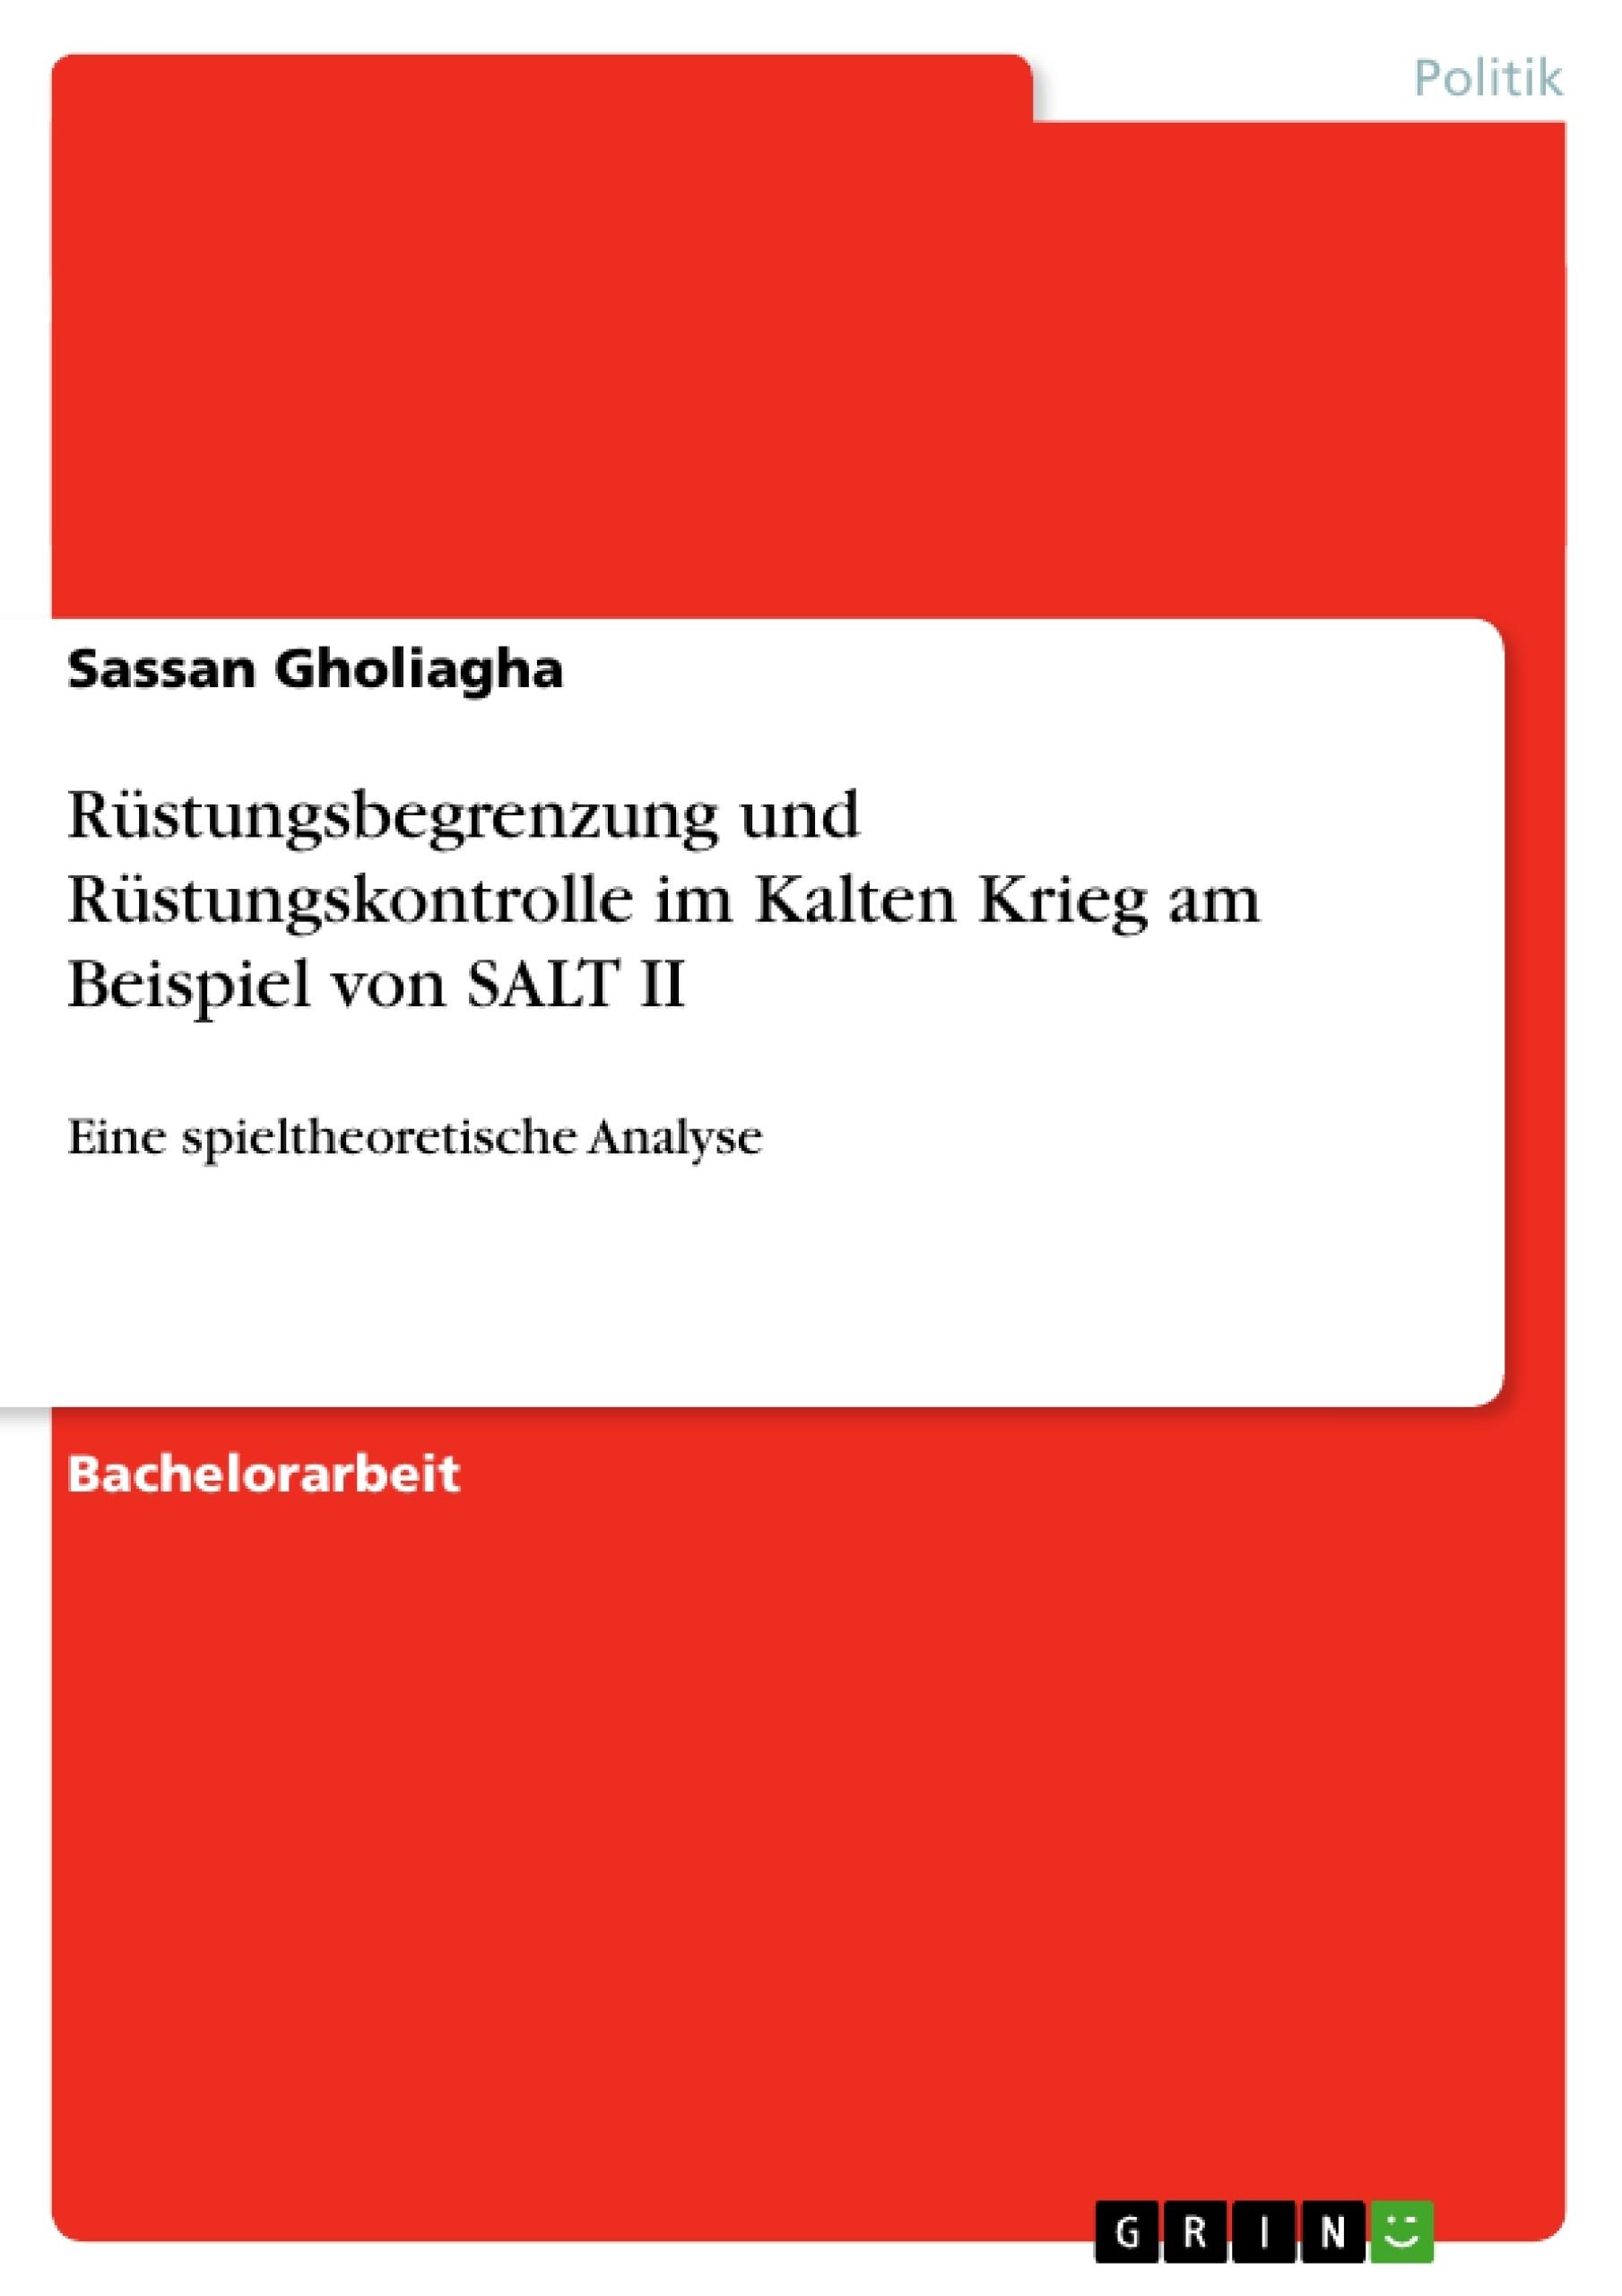 Titel: Rüstungsbegrenzung und Rüstungskontrolle im Kalten Krieg am Beispiel von SALT II